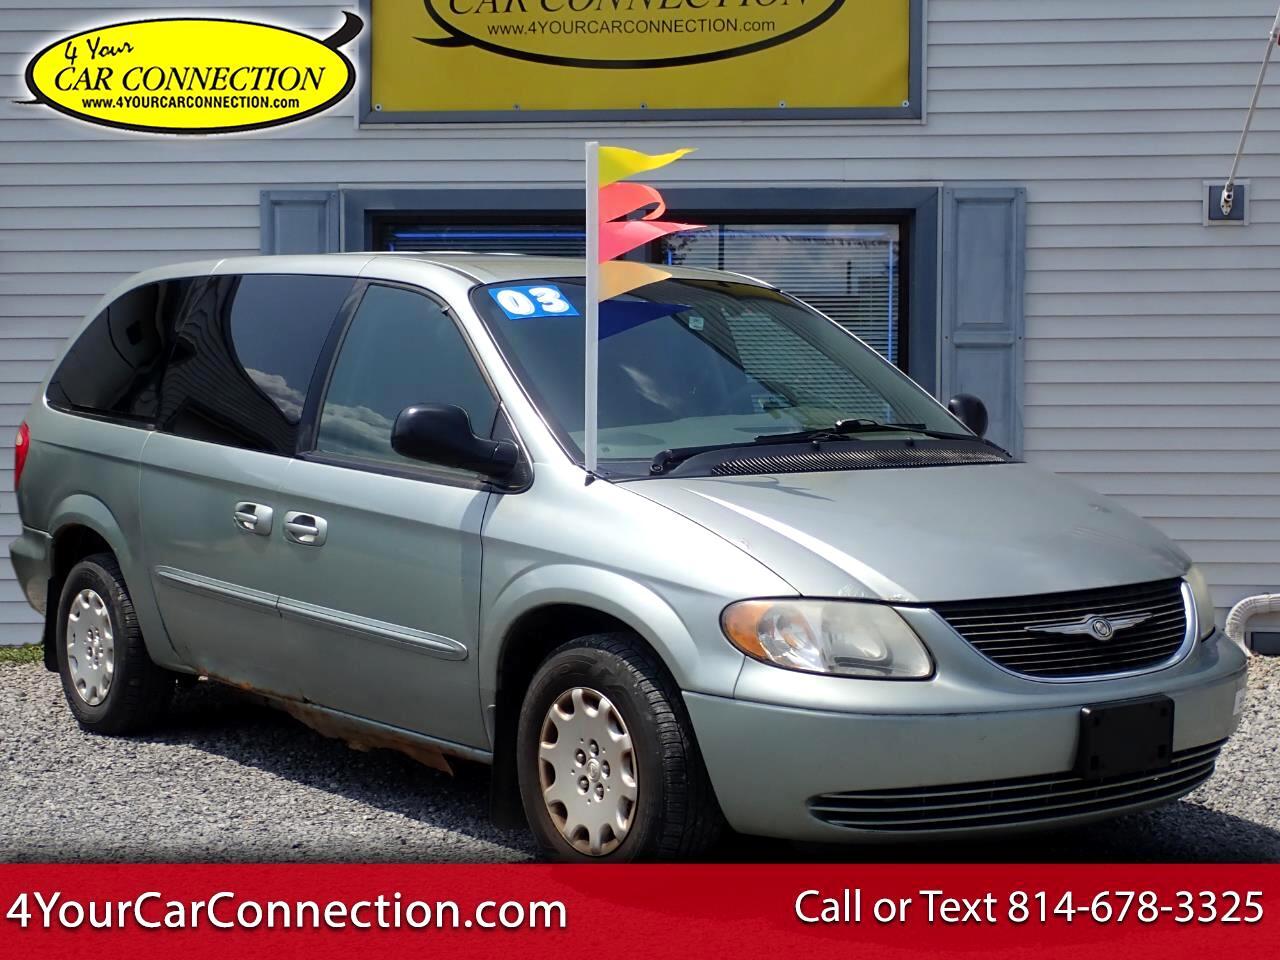 2003 Chrysler Town & Country 7 Passenger